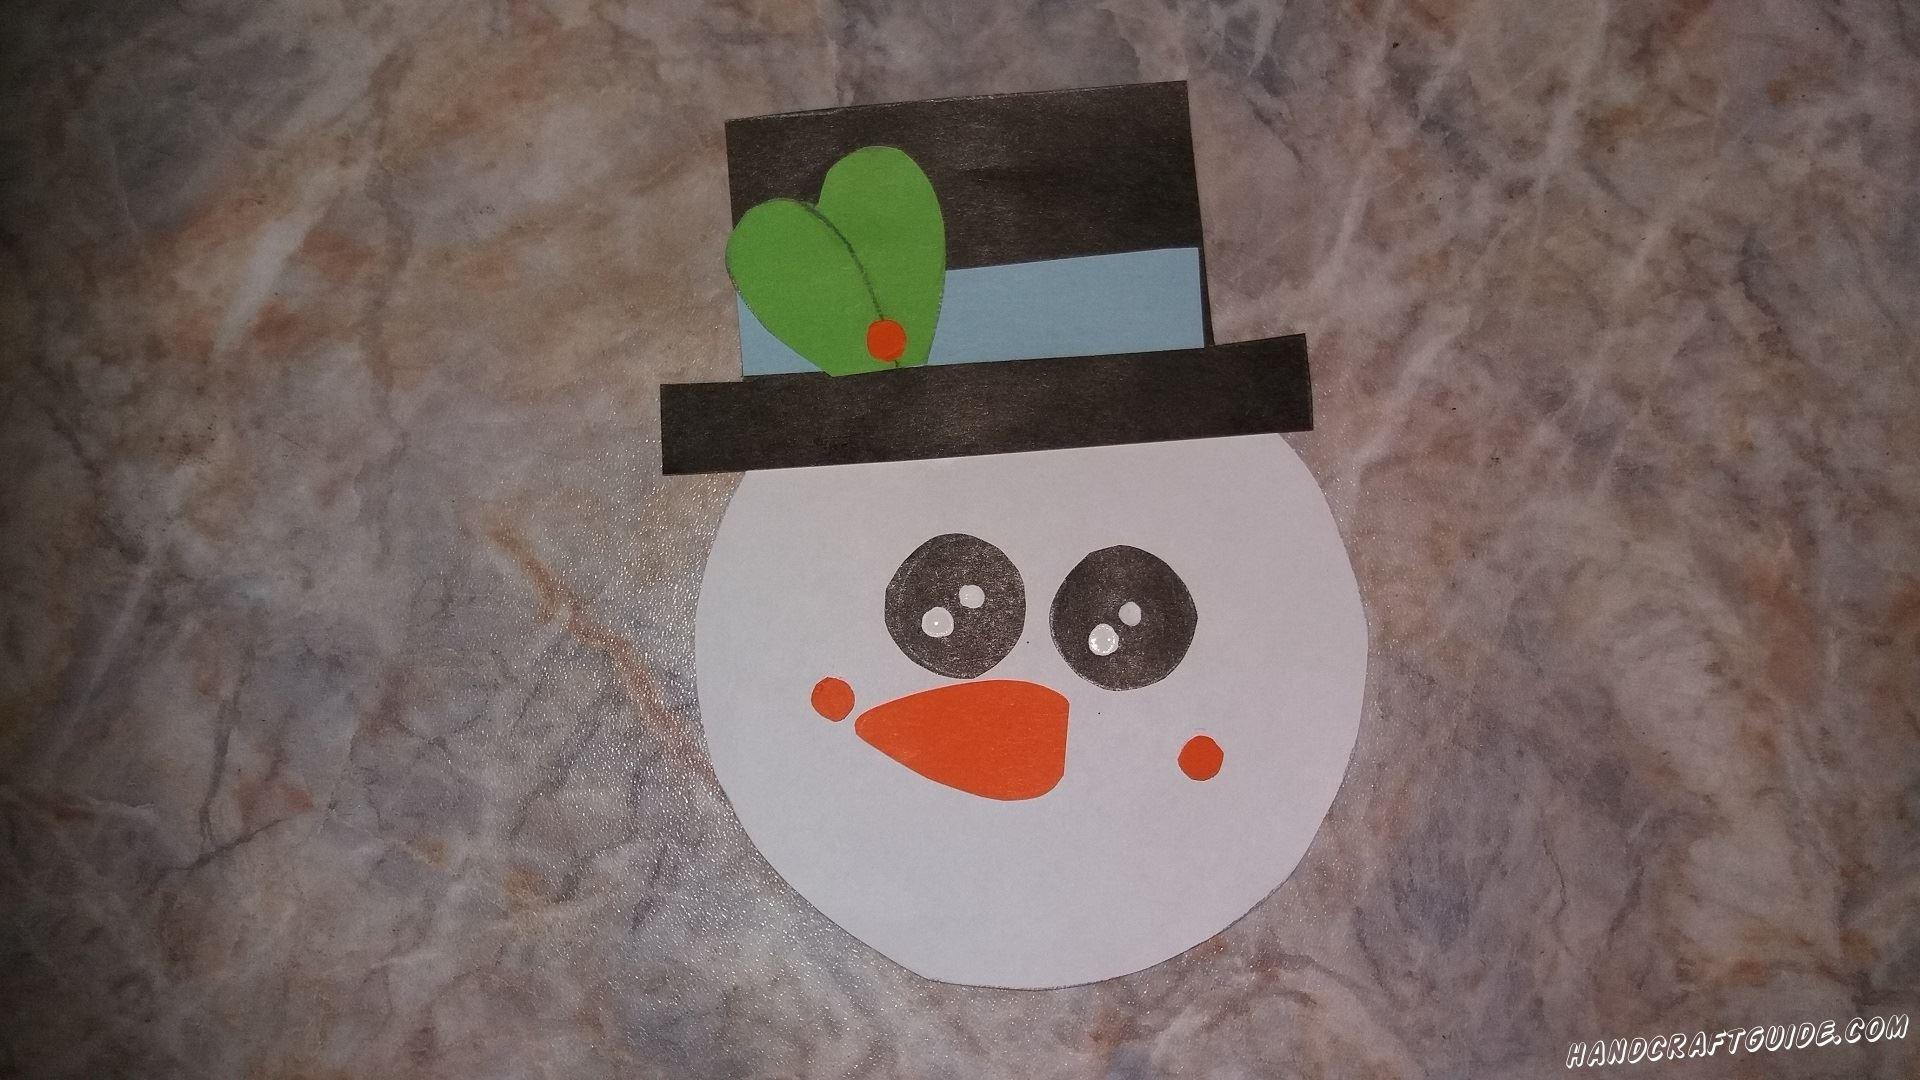 Осталось только «надеть» шляпу на голову снеговика